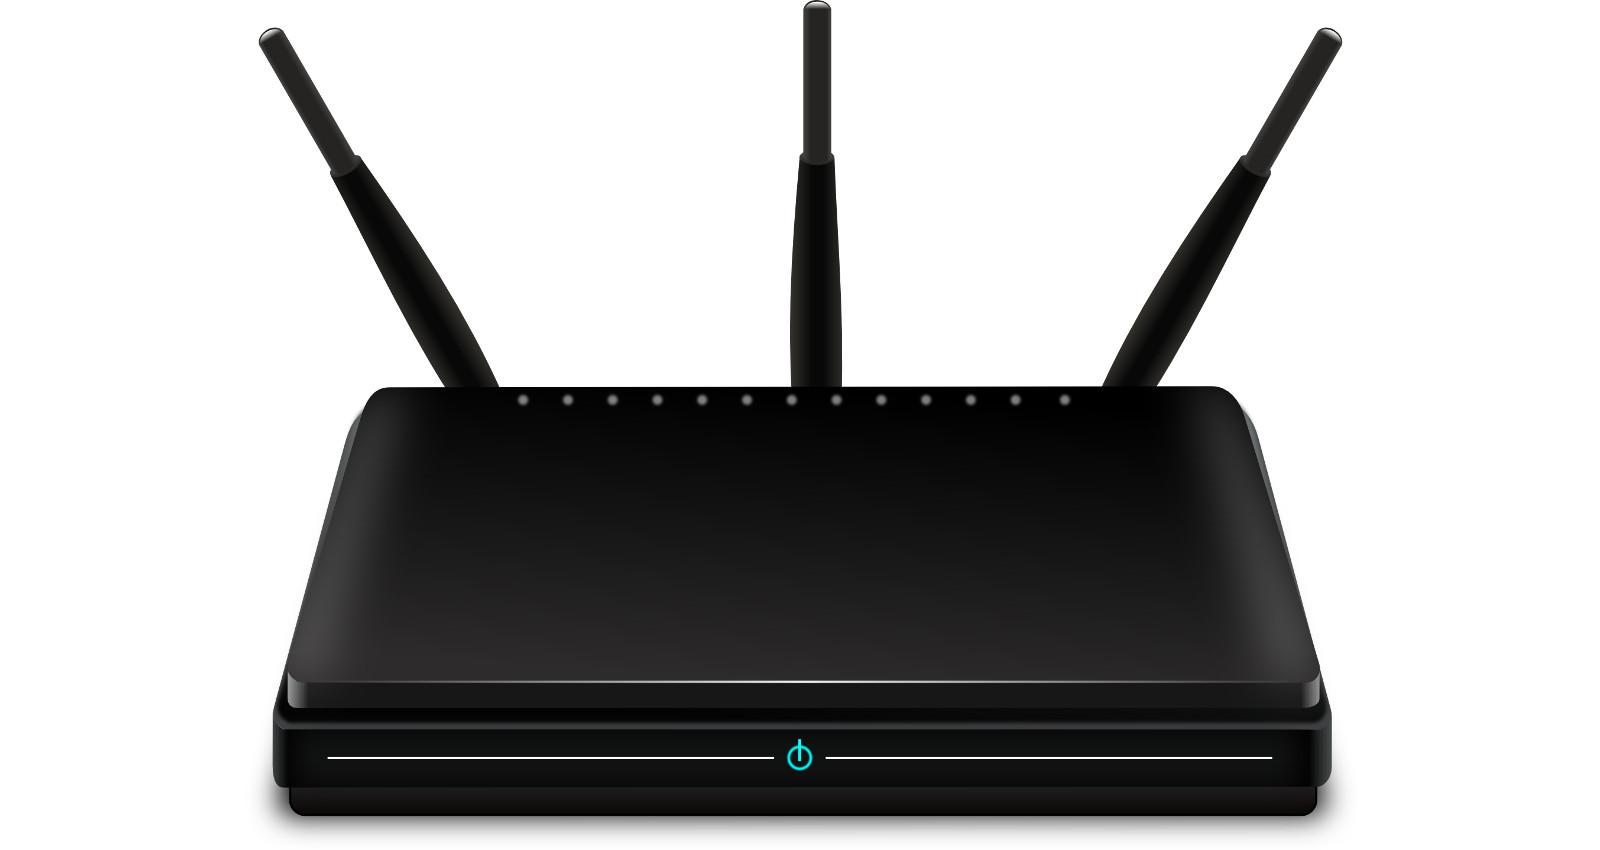 Wo soll der WLAN-Router aufgestellt werden?